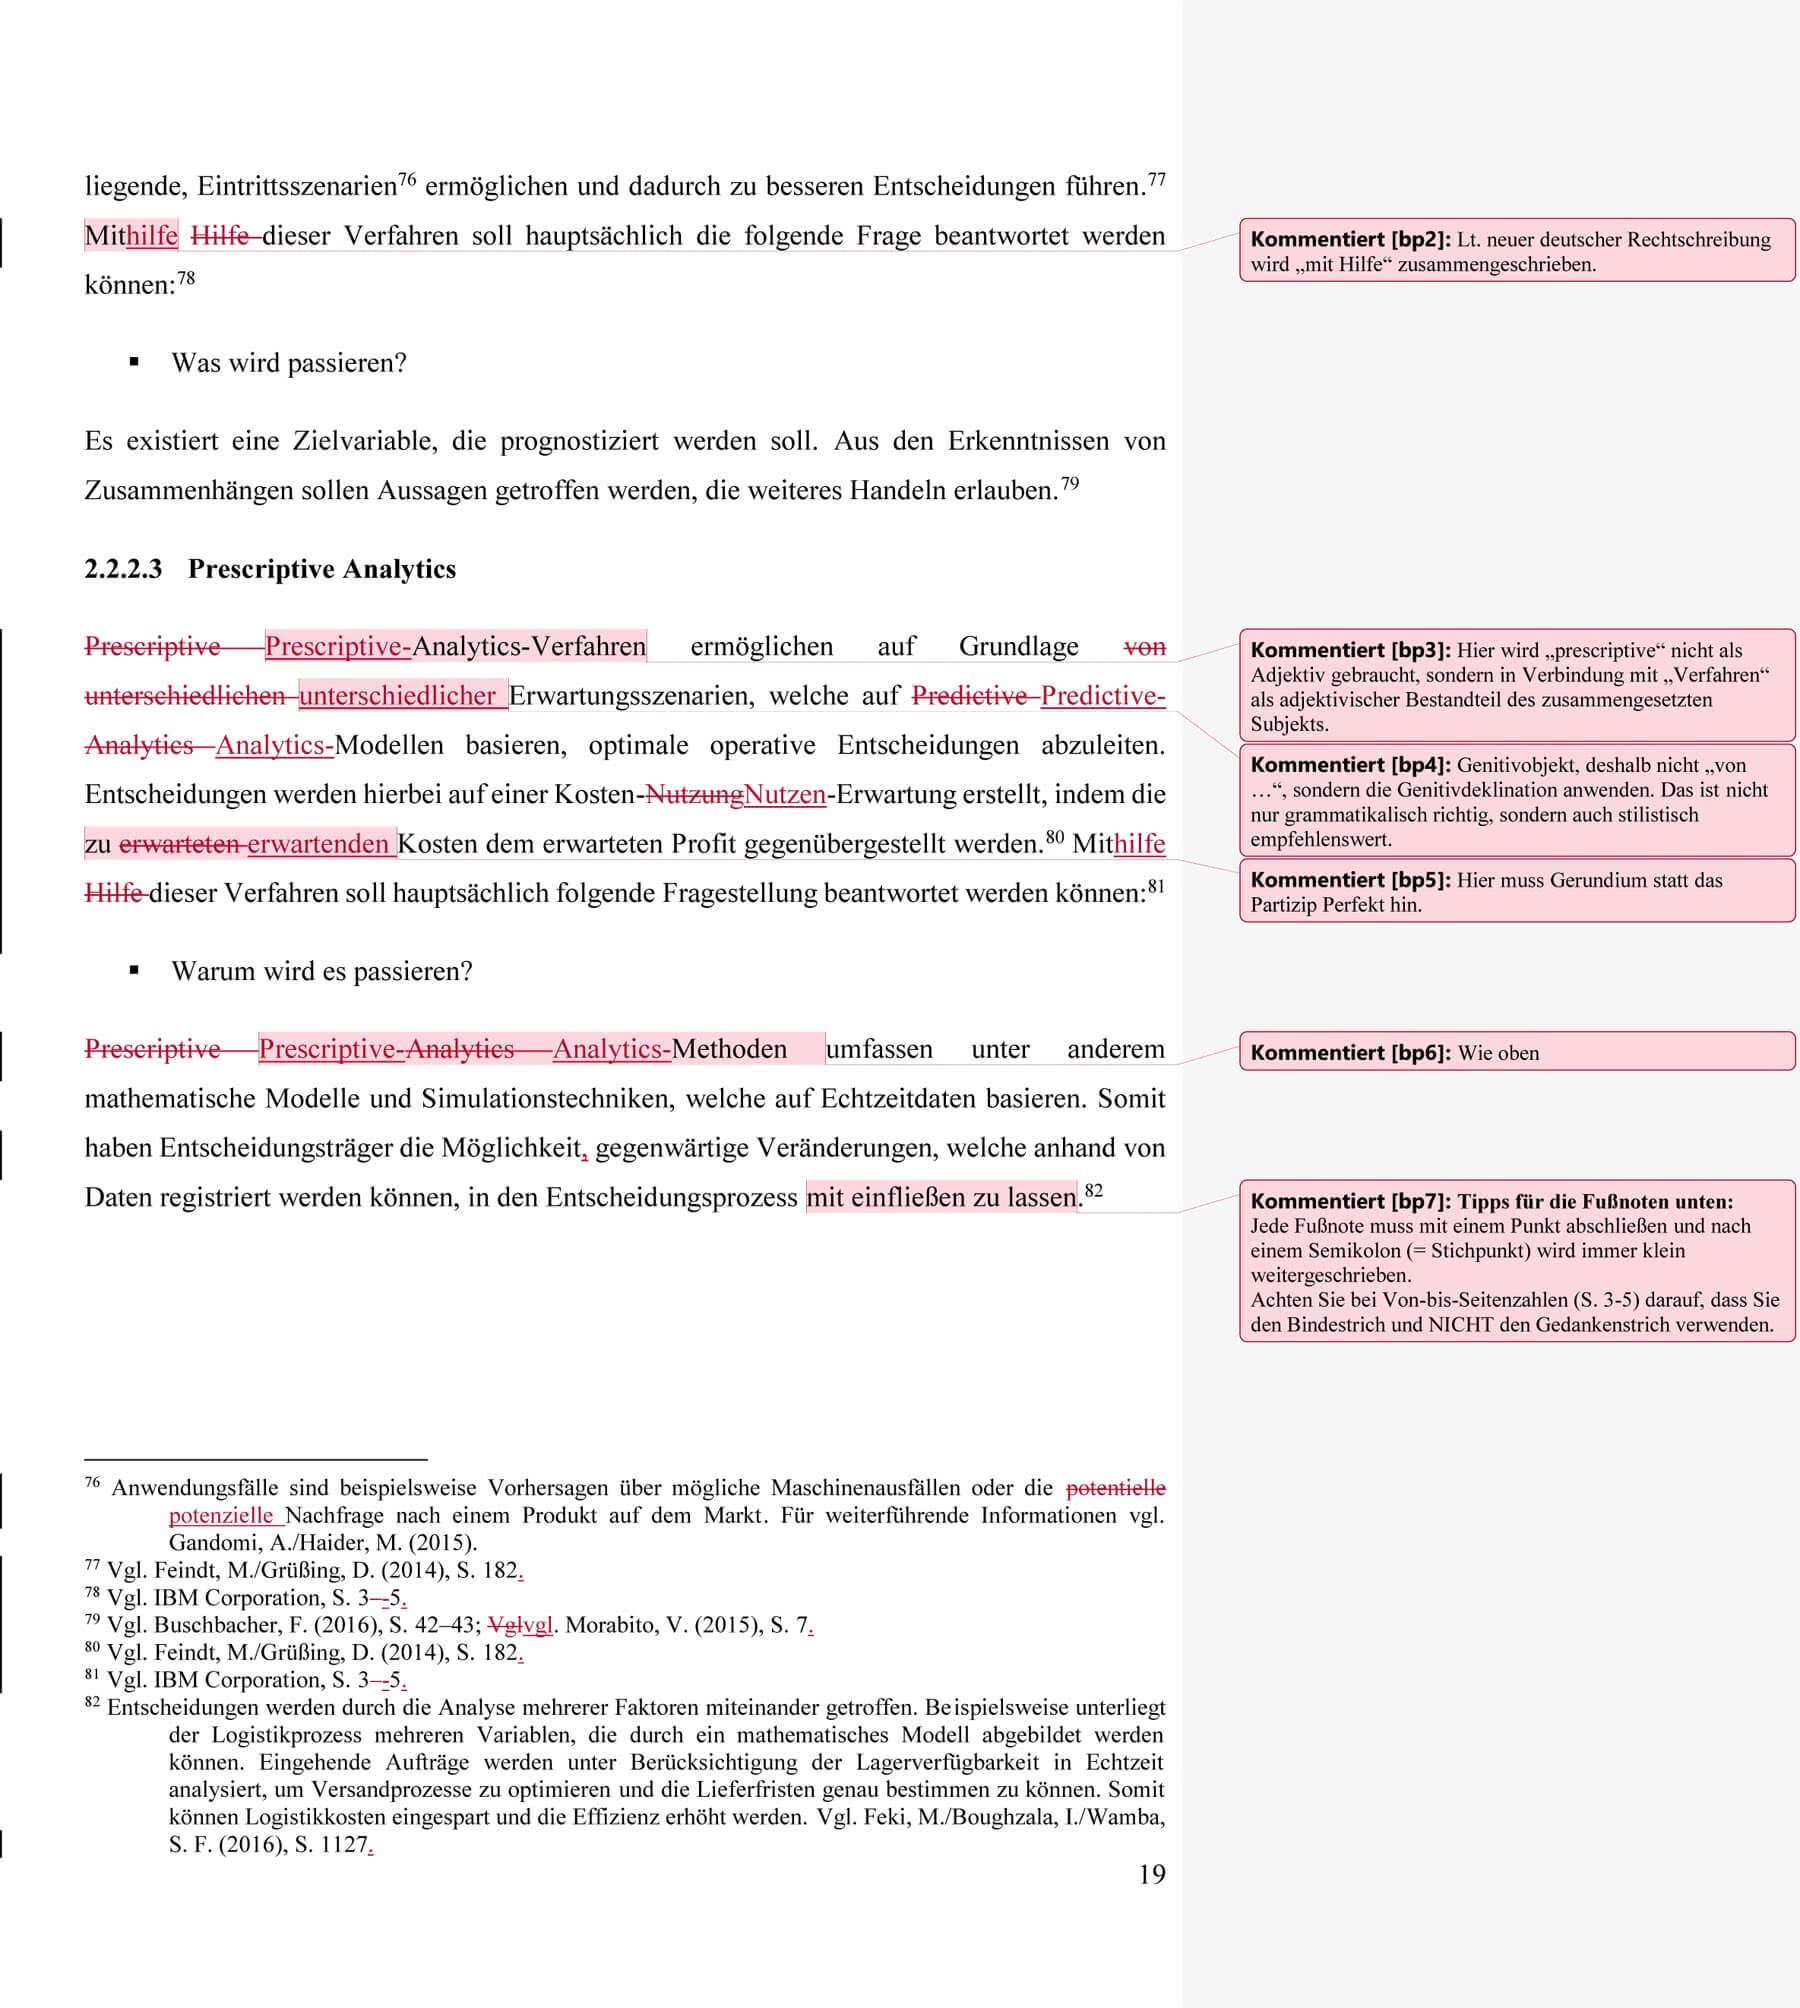 Gefundene Fehler durch die Formalkorrektur der Masterarbeit - Lektorat Erfahrungen Tomasz-Kragiel